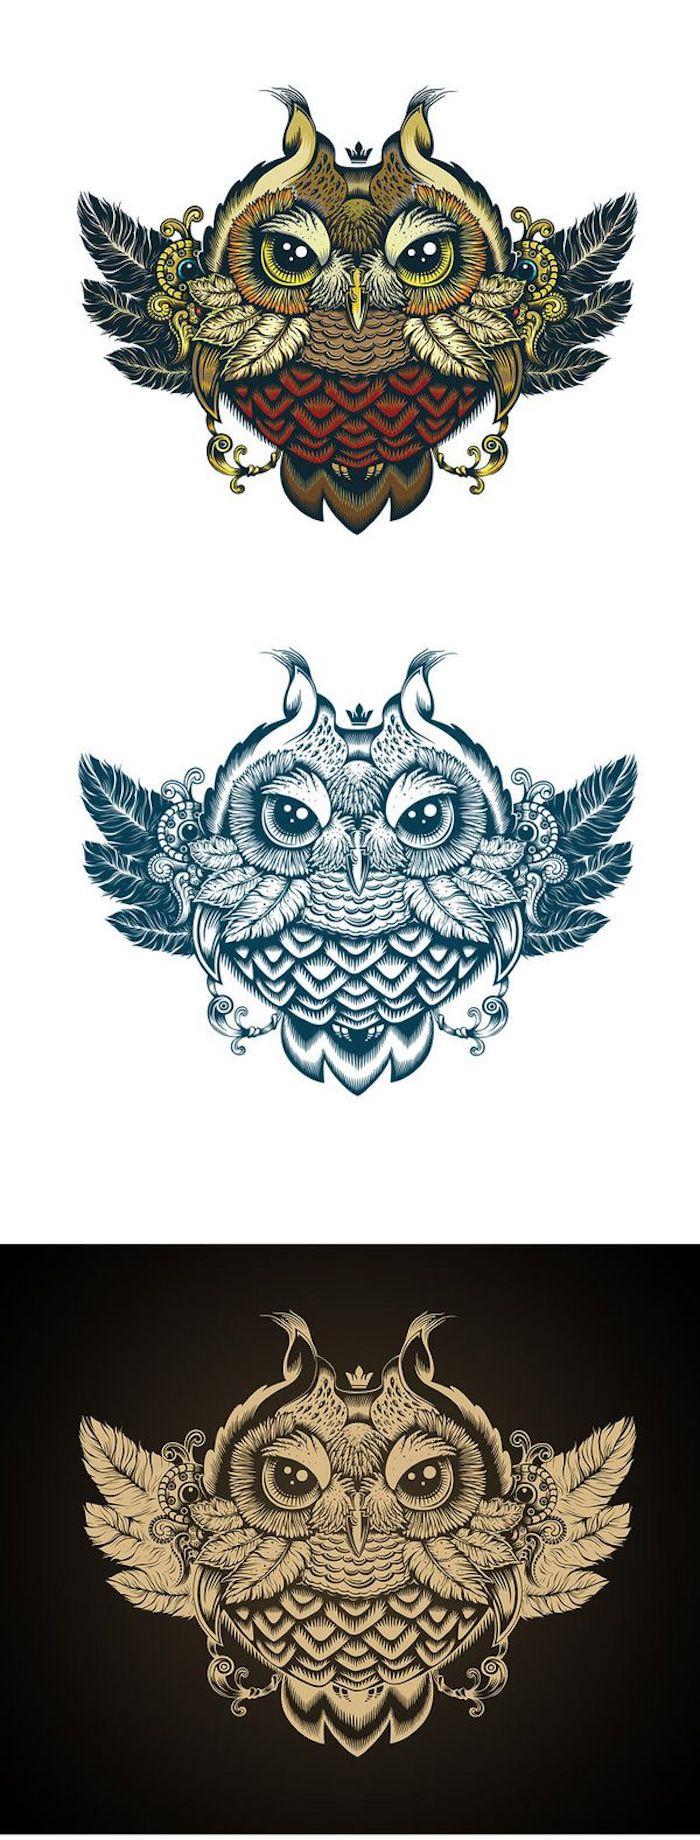 hier finden sie drei ganz tolle ideen für owl tattoos - eine kleine gelbe, blaue und bunte eule